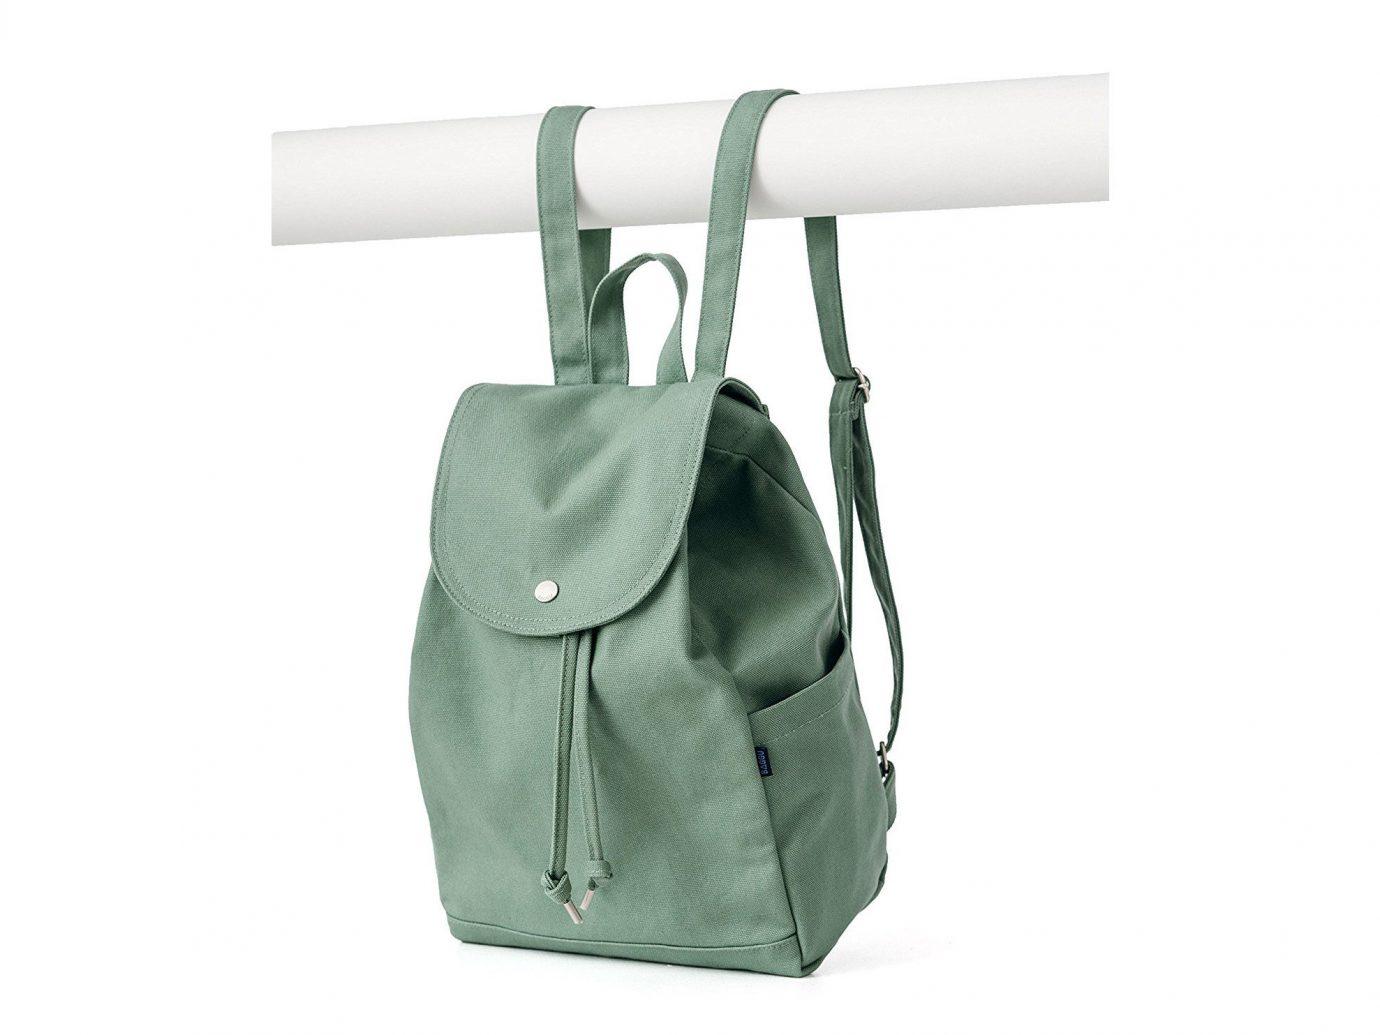 Style + Design bag product handbag accessory product design shoulder bag brand